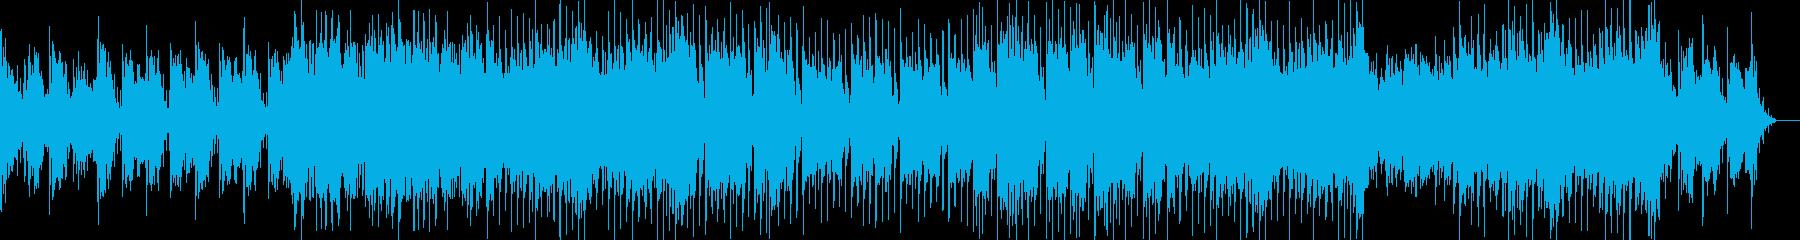 ポップバラードの再生済みの波形